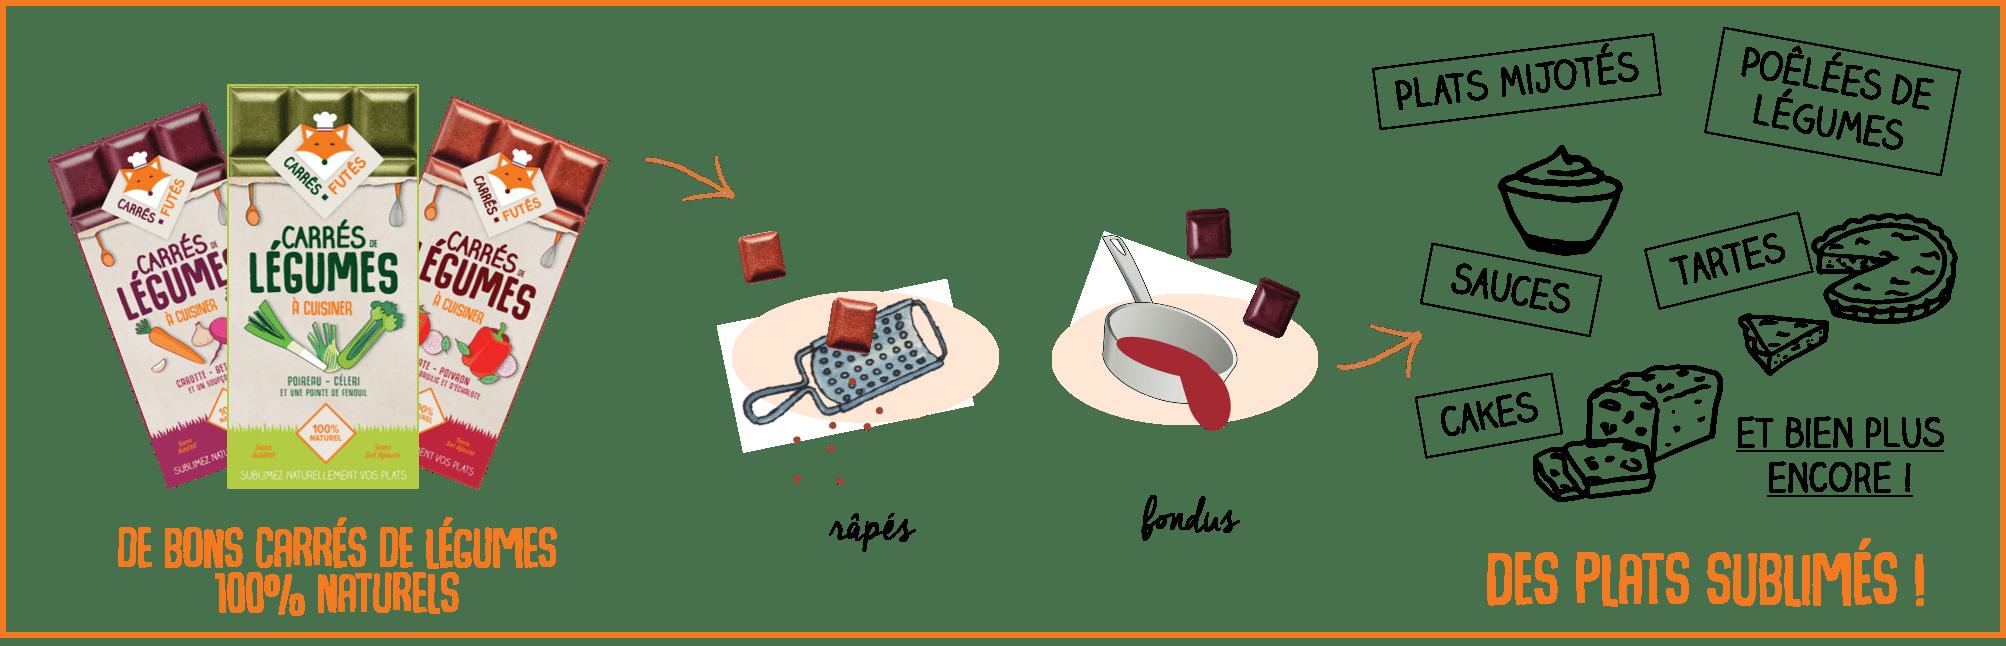 Utilisation râpés ou fondus en plats mijotés, poêlées de légumes, sauces, tartes, cakes